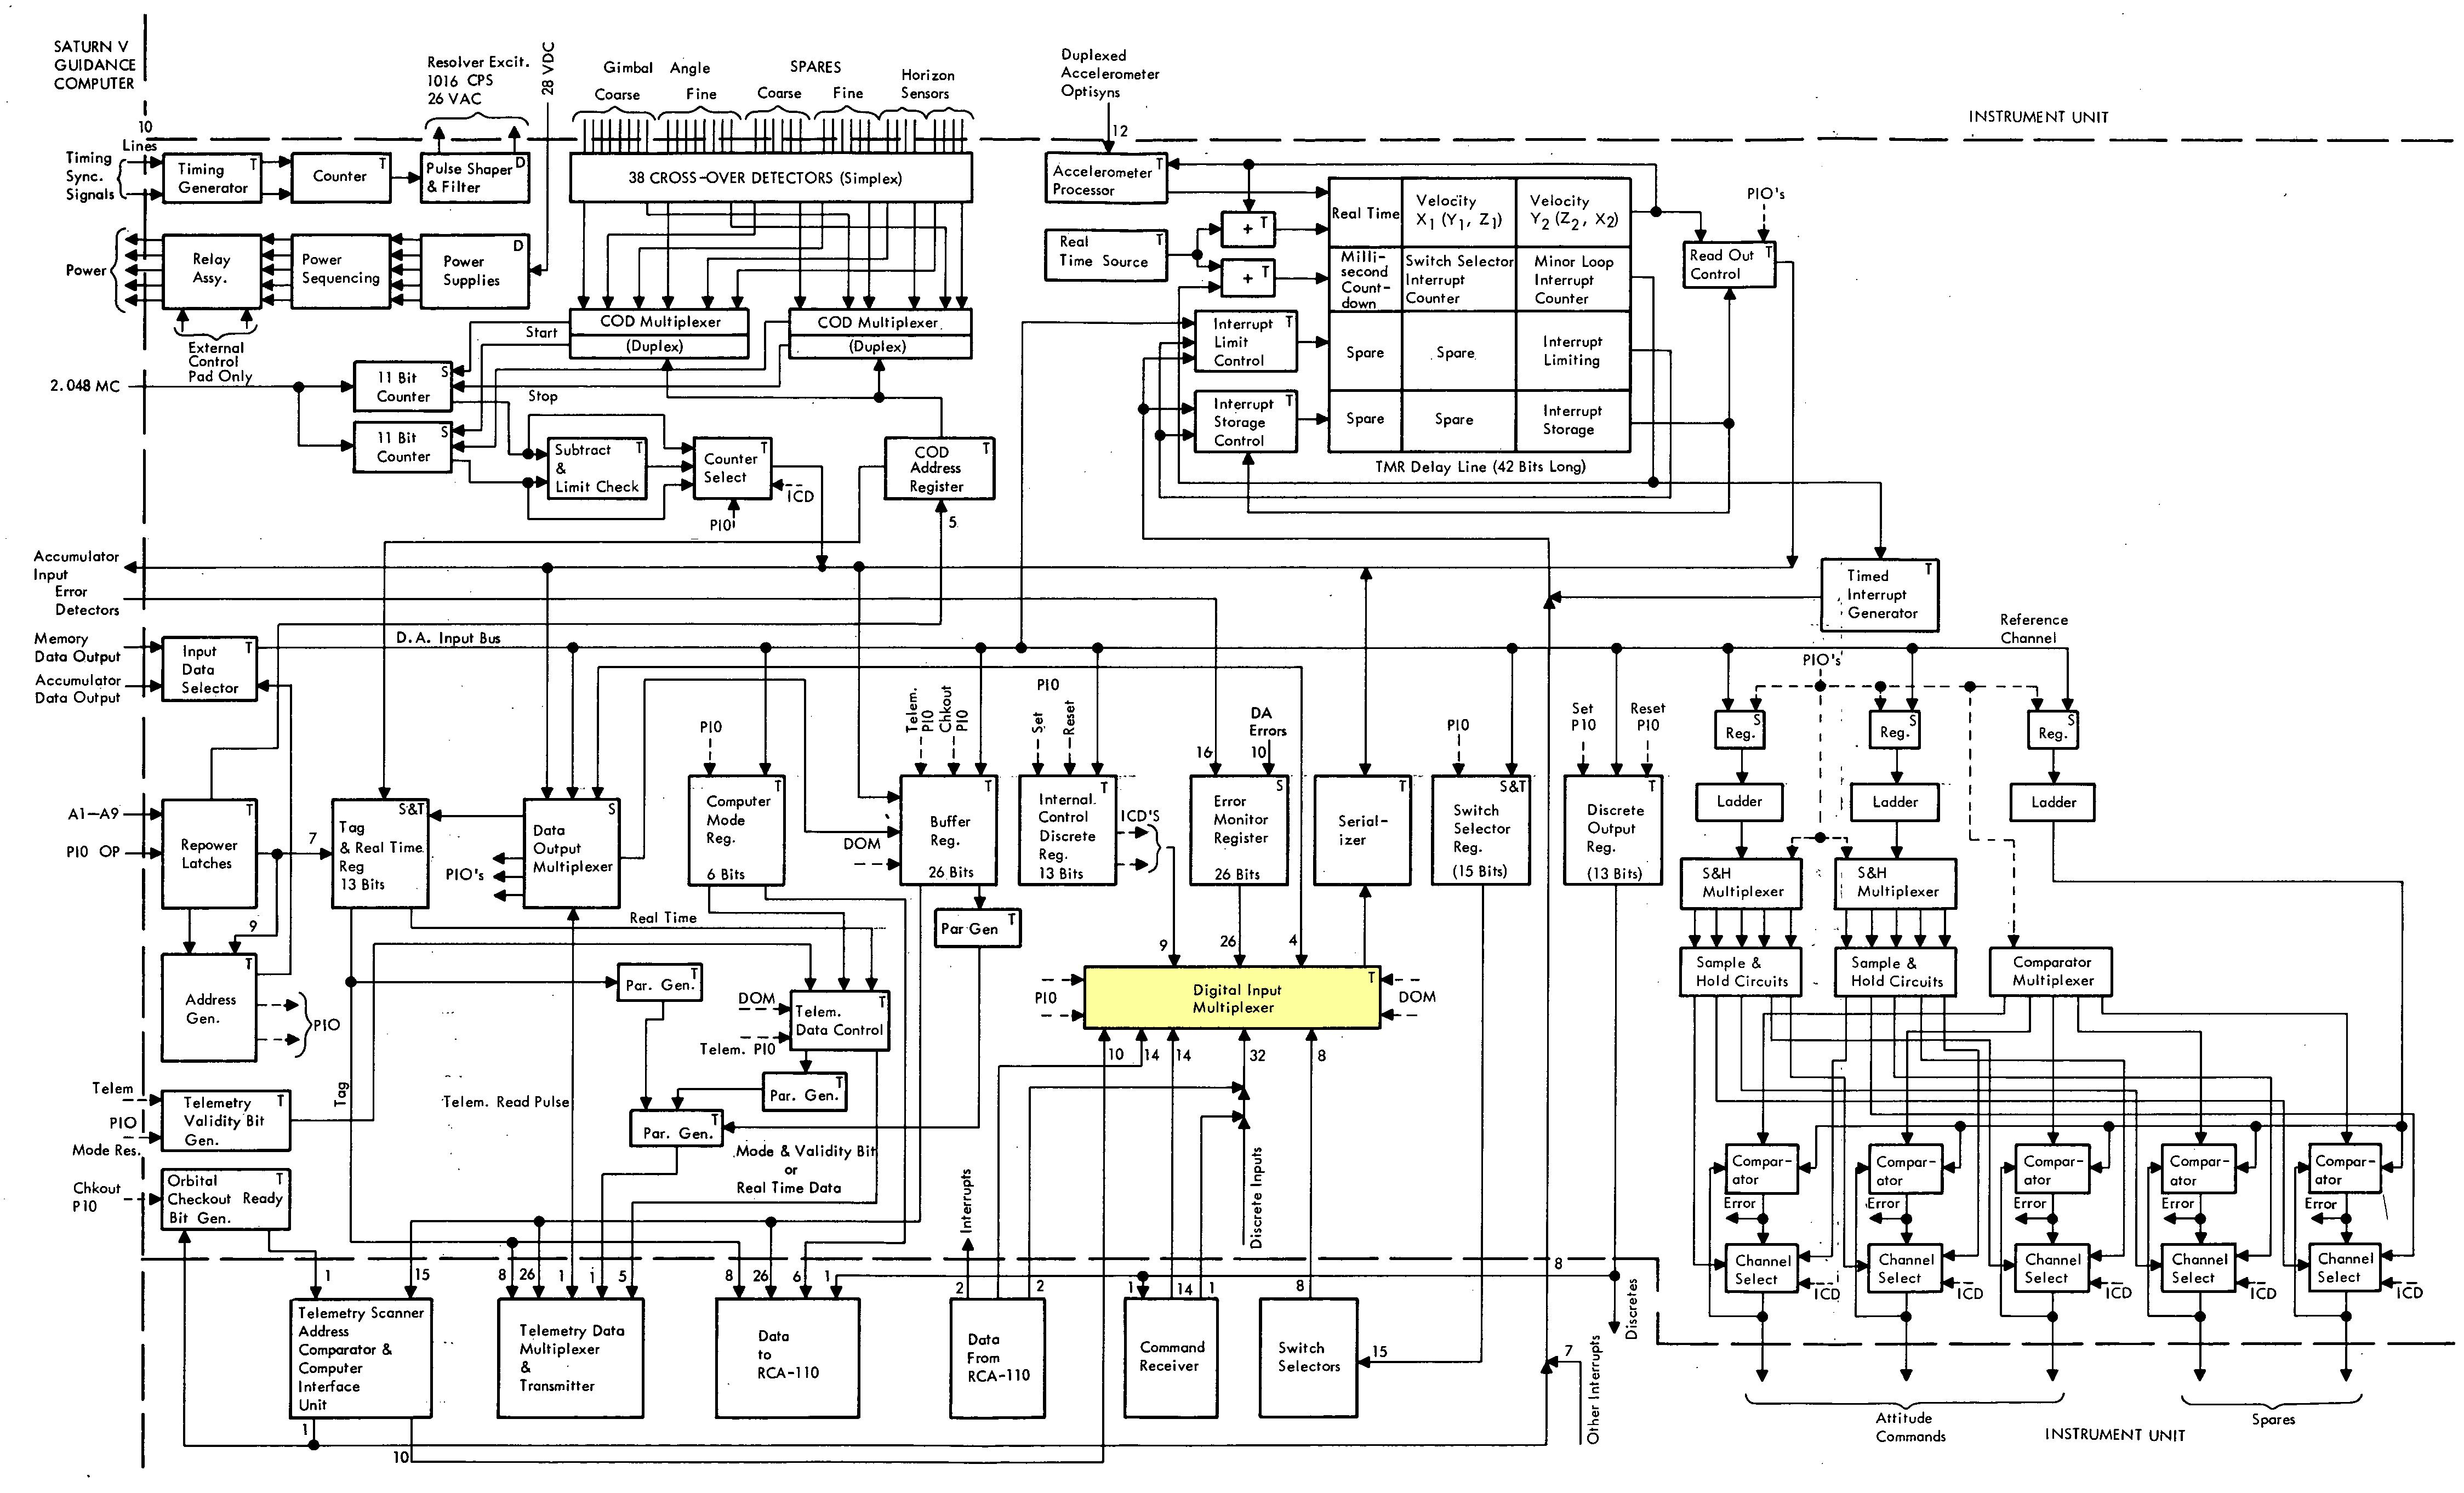 Печатная плата с ракеты Сатурн-5 – обратная разработка с пояснениями - 7